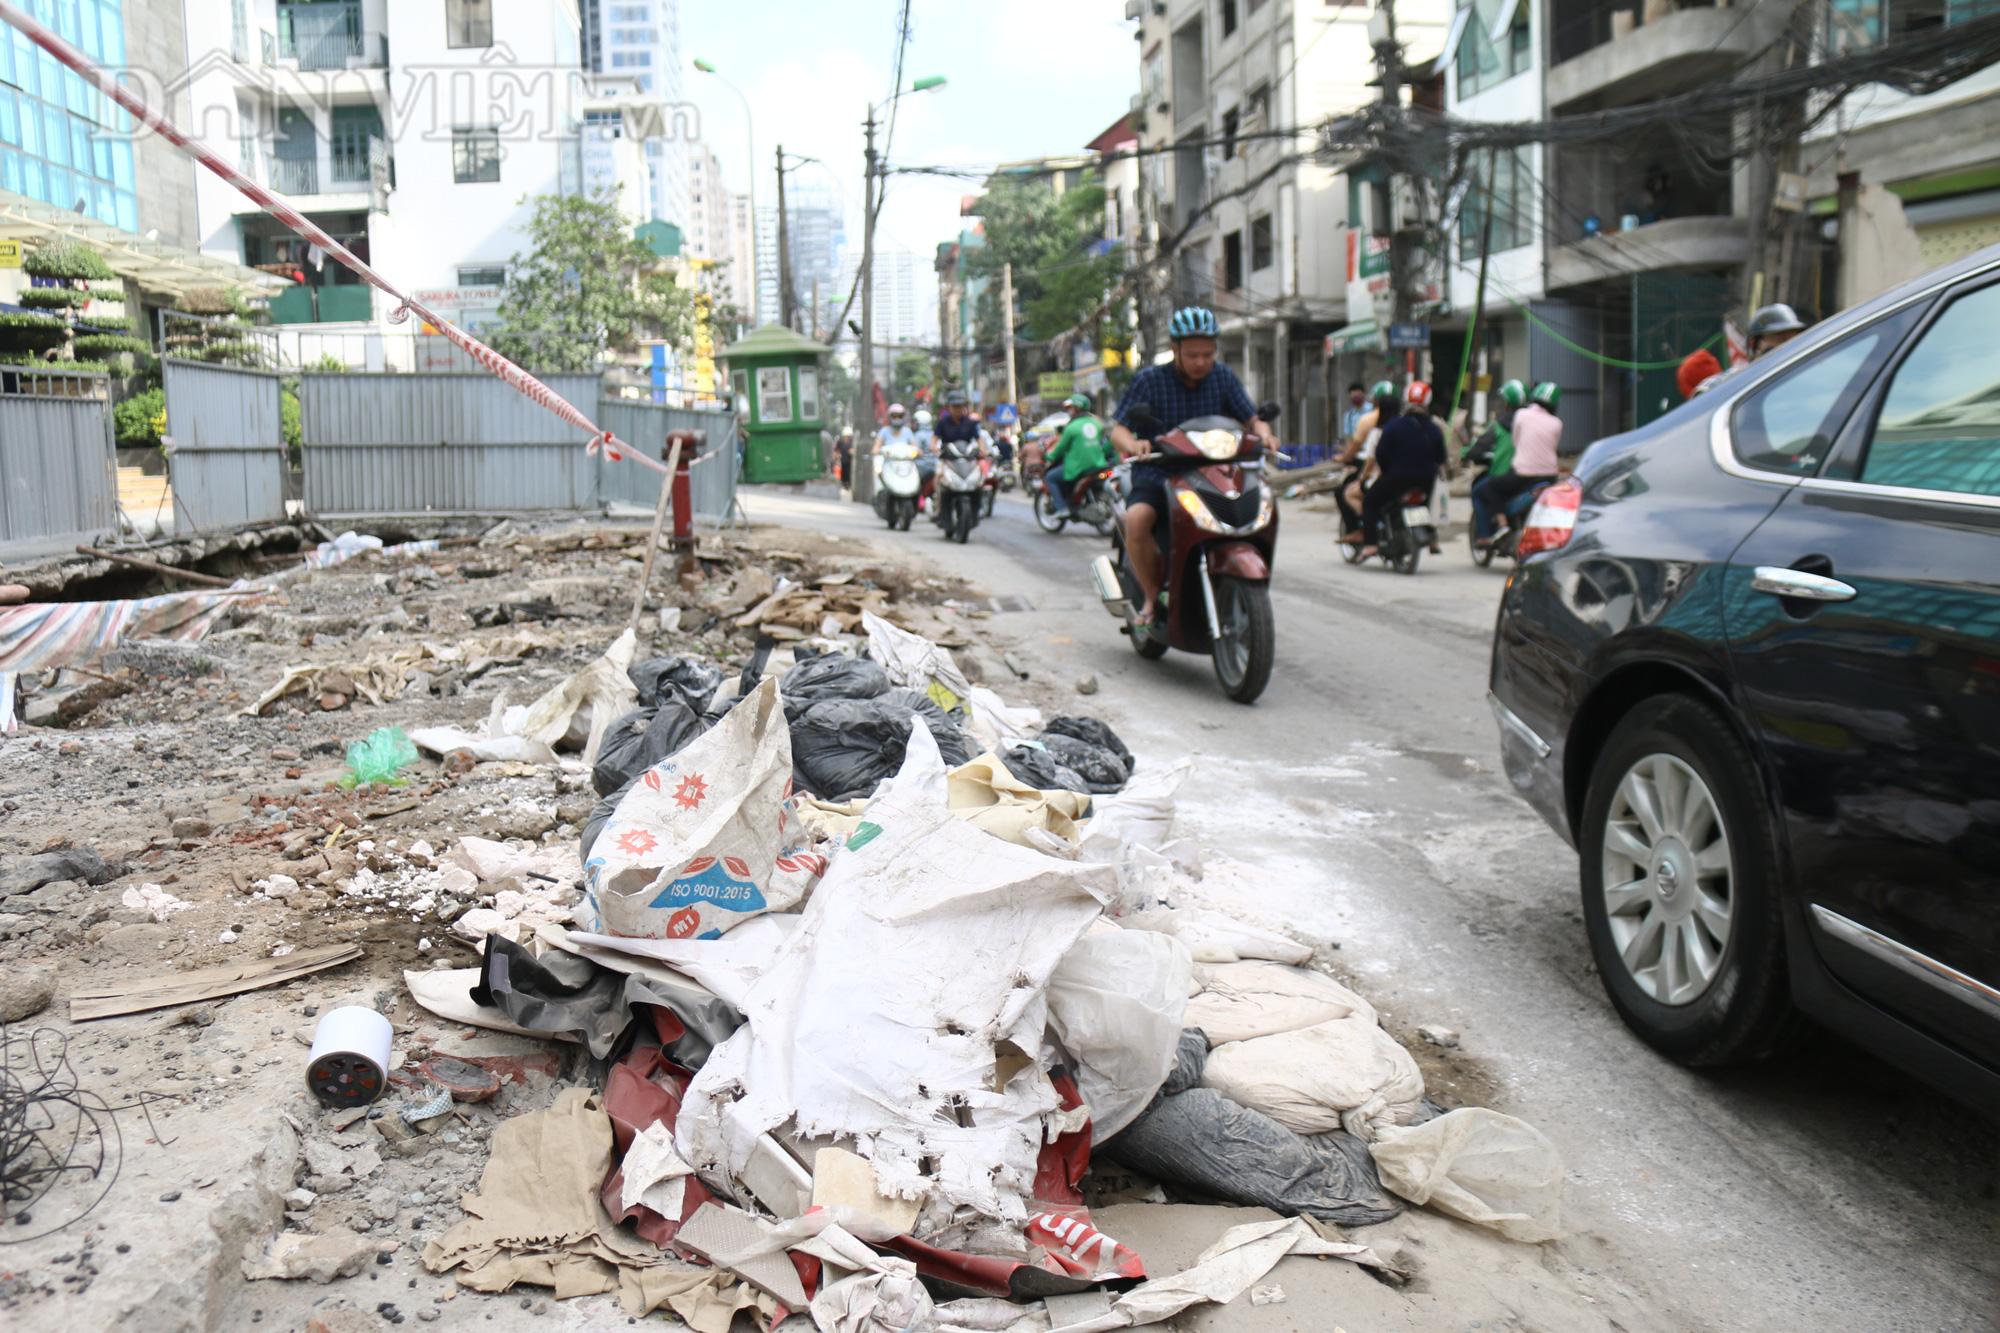 Bên cạnh đó, hai hành lang của đường Vũ Trọng Phụng ngổn ngang nhiều loại rác thải cùng với những vật liệu xây dựng được chắp đầy hai bên vệ đường.